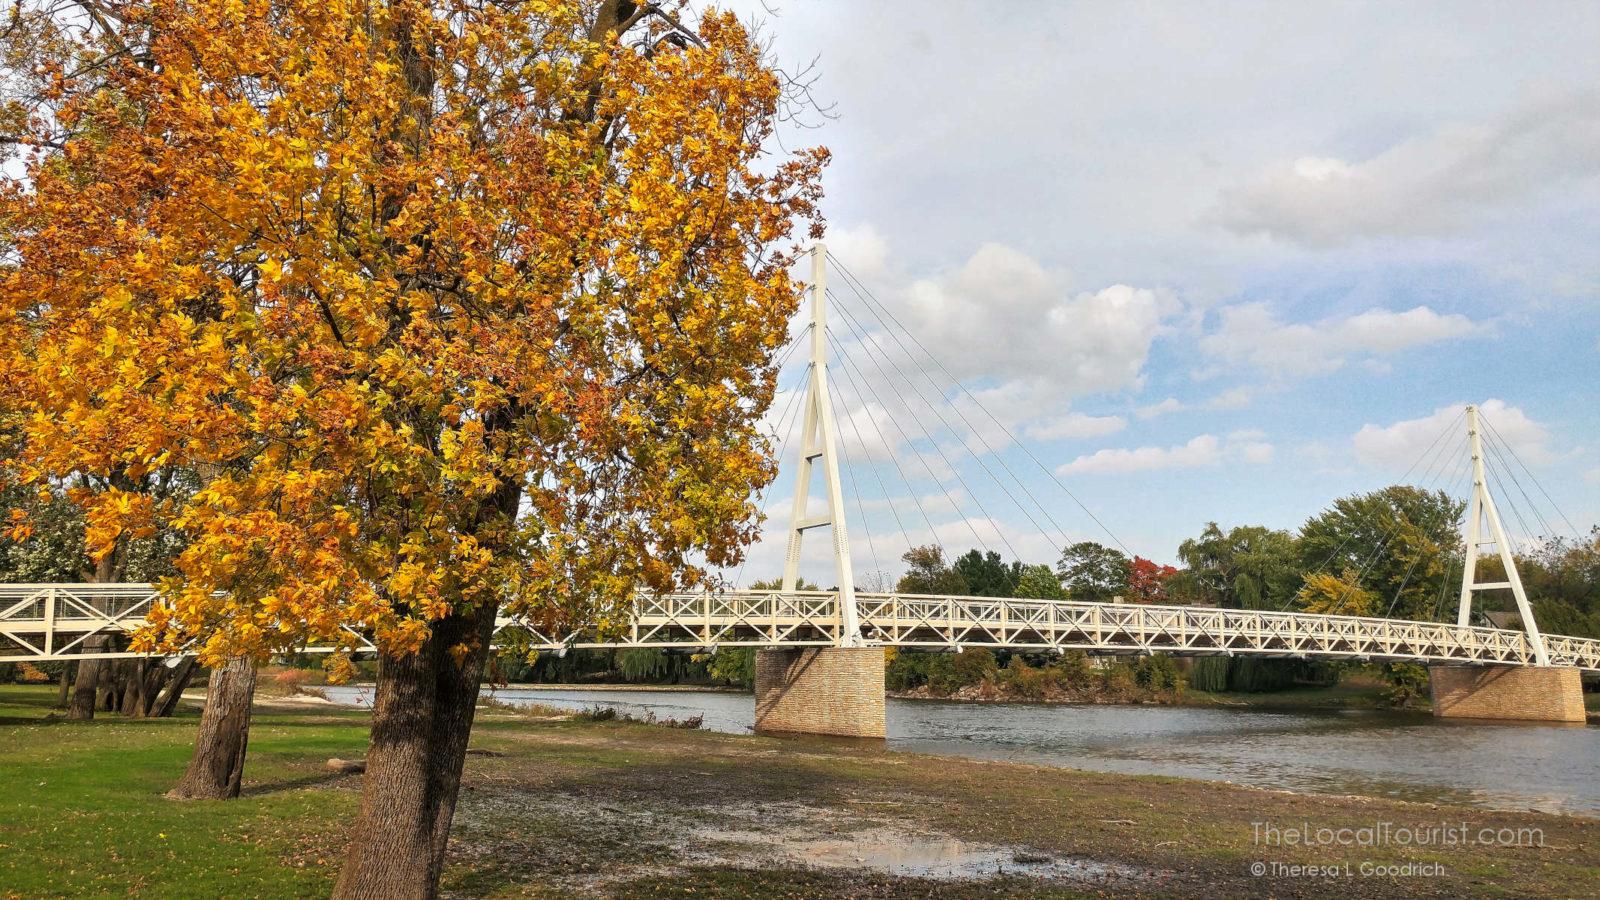 Suspension bridge in Charles City Iowa